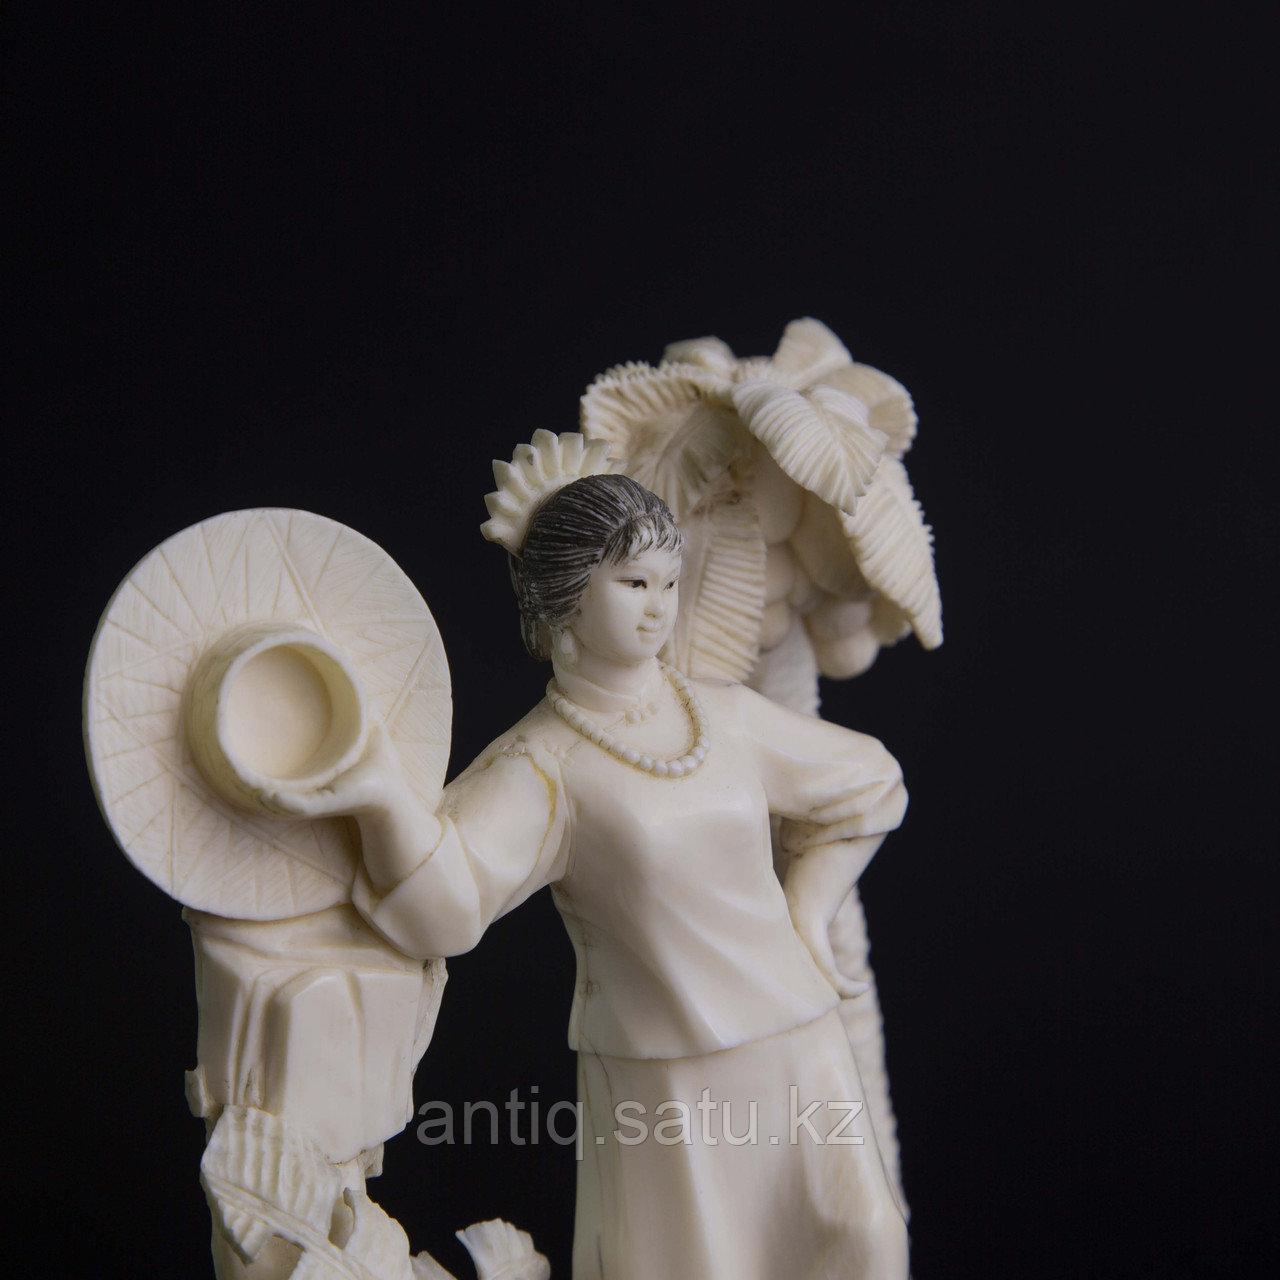 Окимоно из слоновой кости «Летнее фото» Япония, первая половина ХХ века. - фото 4